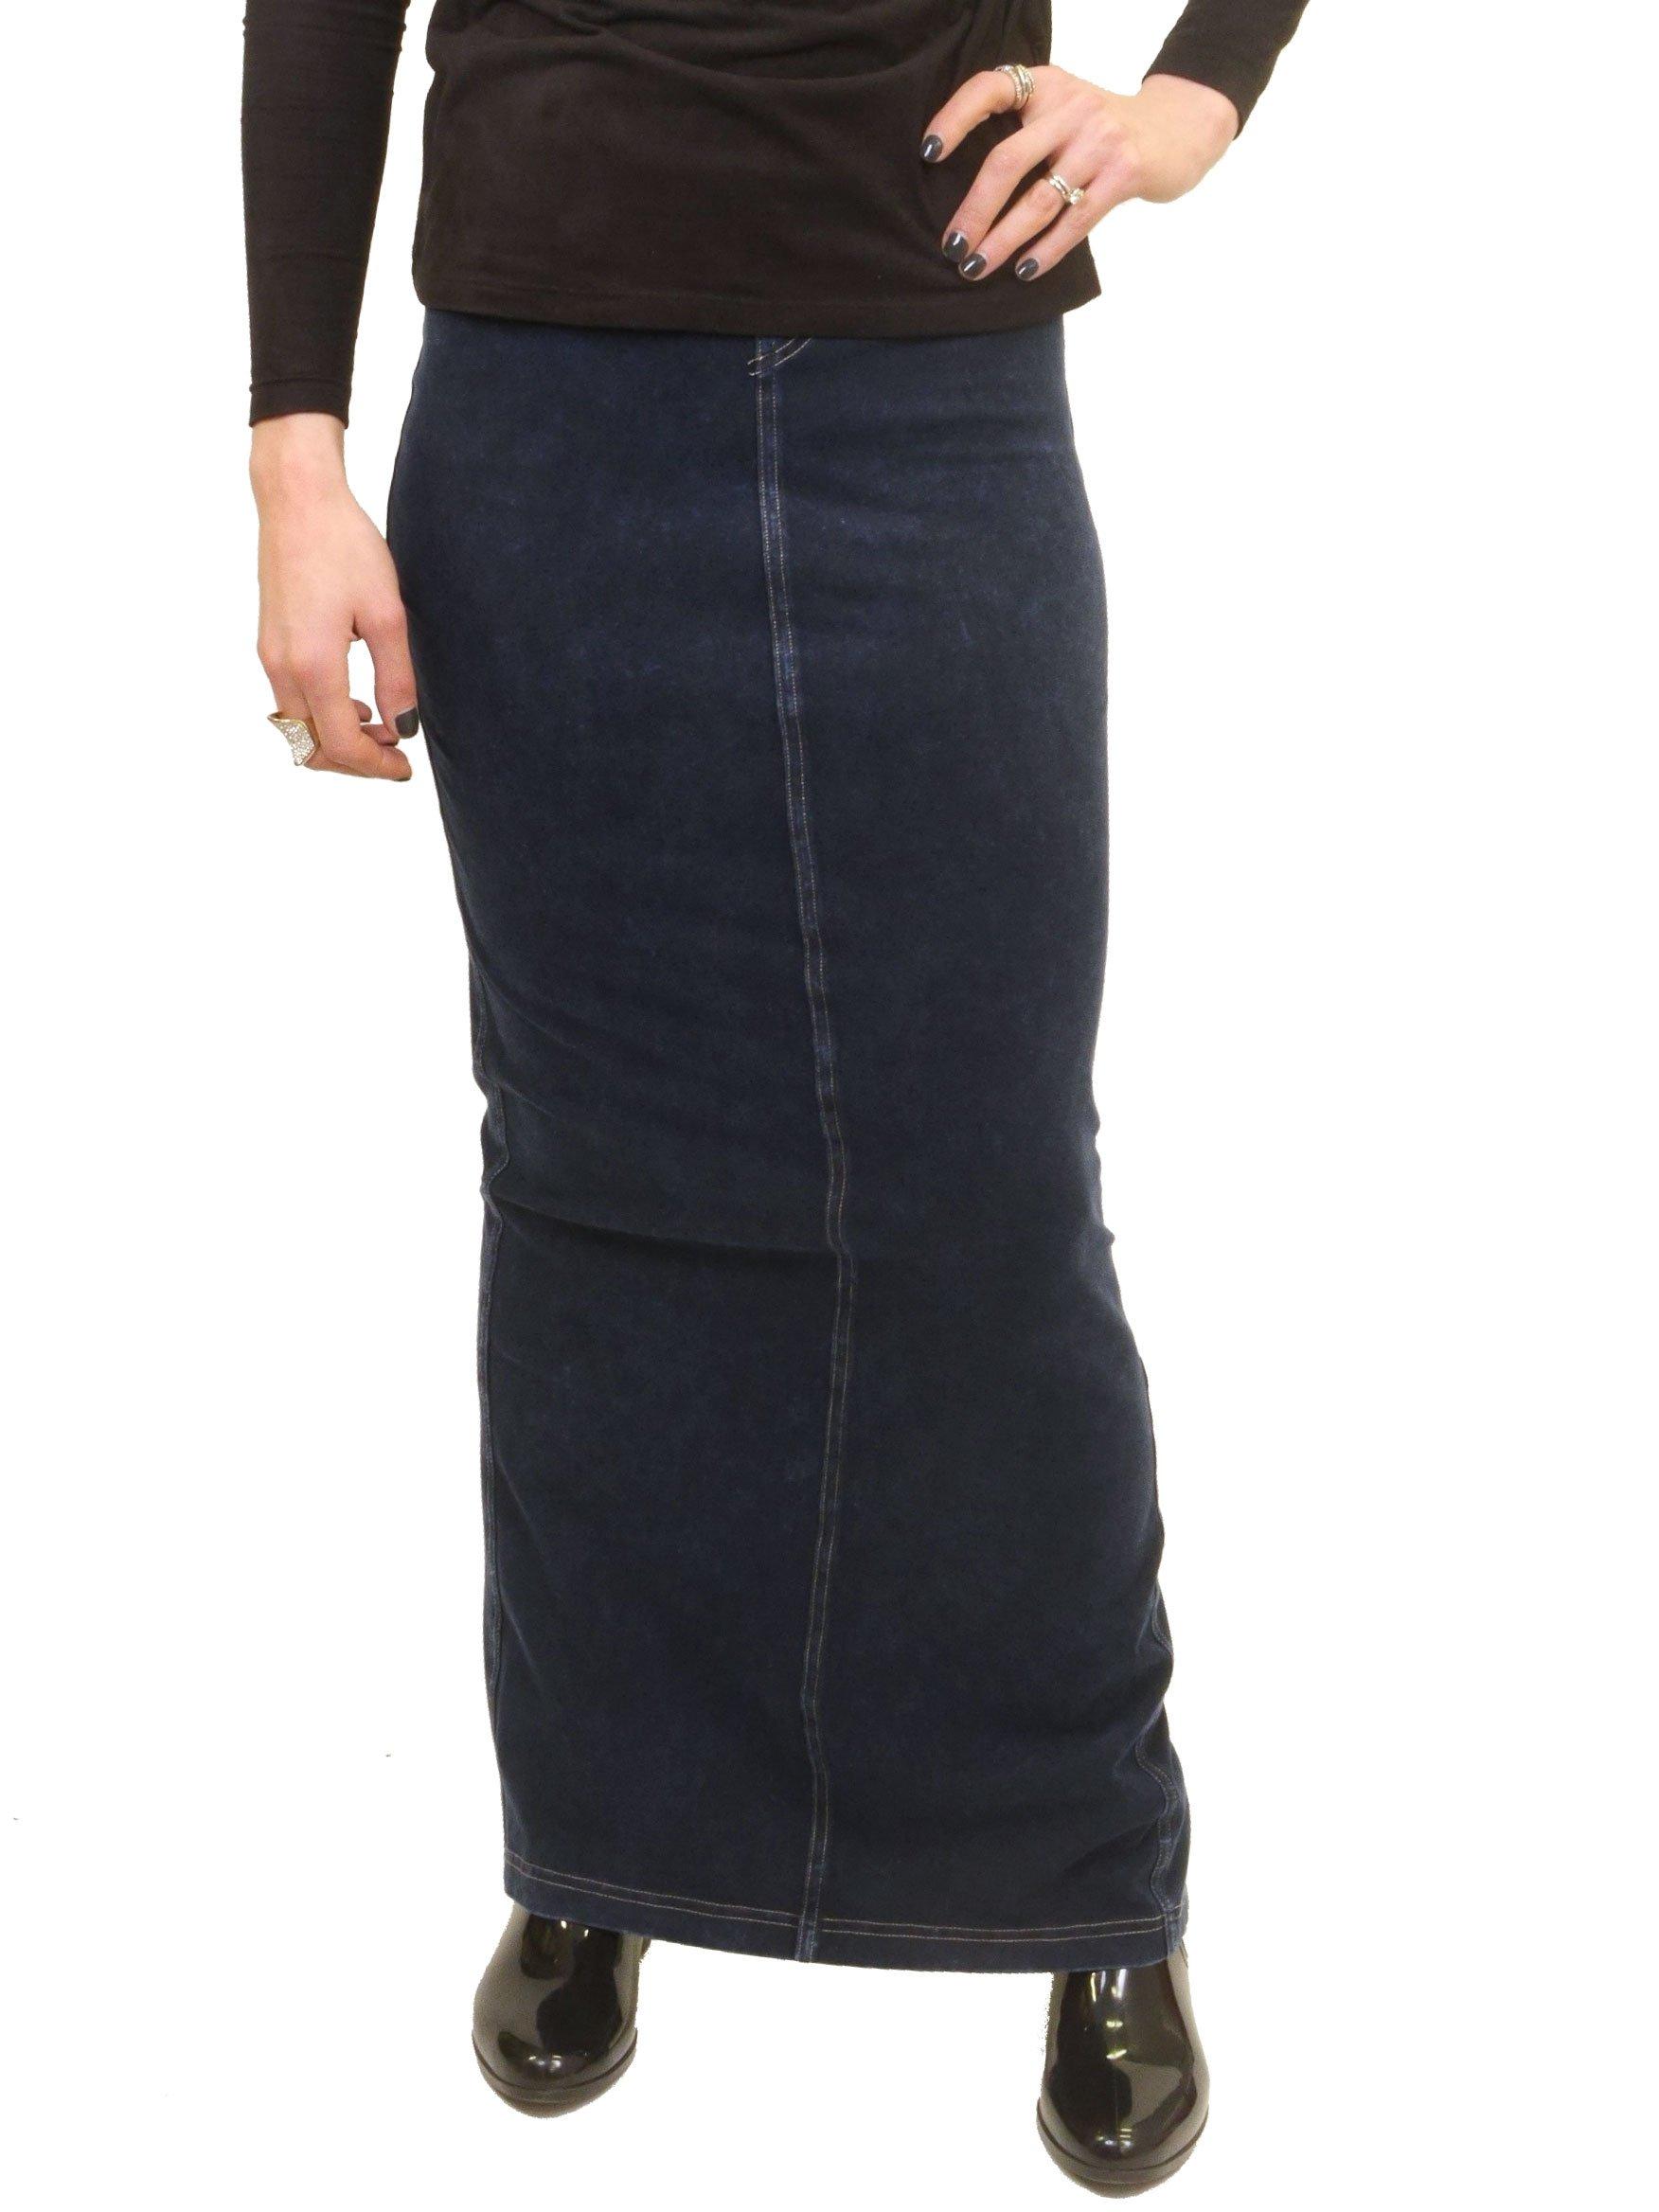 Hardtail Long Denim Pocket Skirt (M, Dark Denim) by Hard Tail